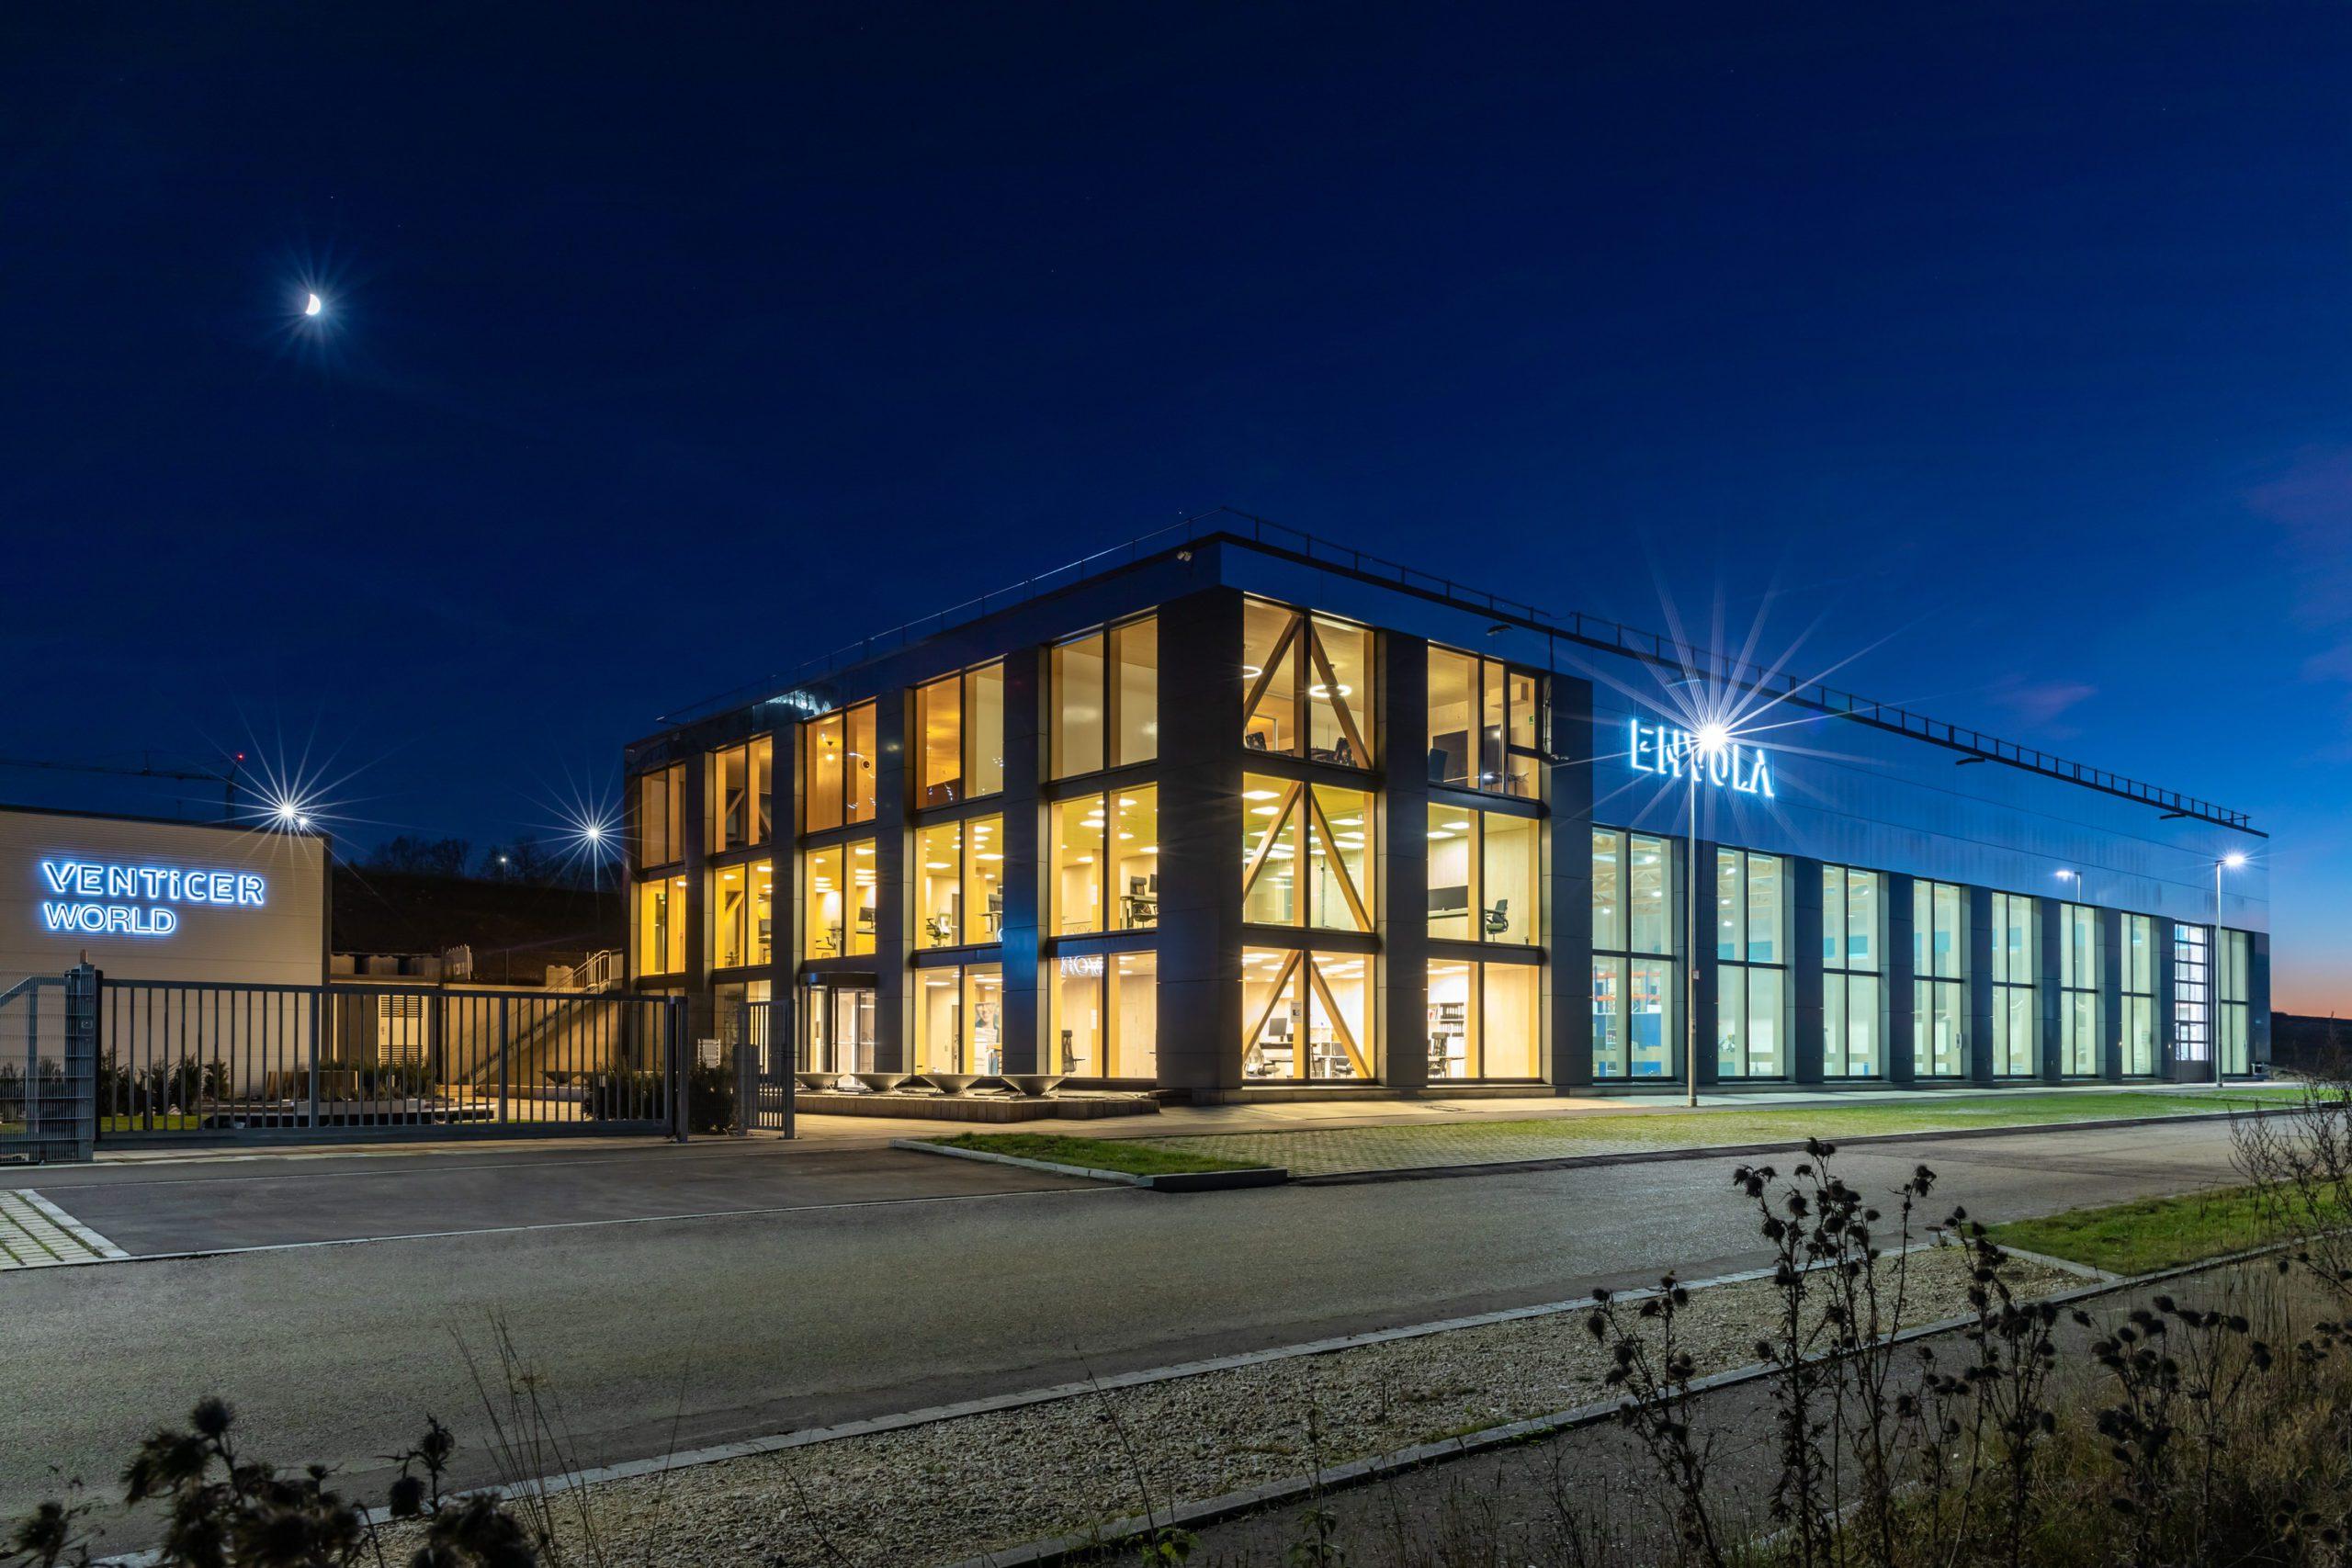 Envola GmbH Außenansicht Nacht, Fotograf: Martin Granacher